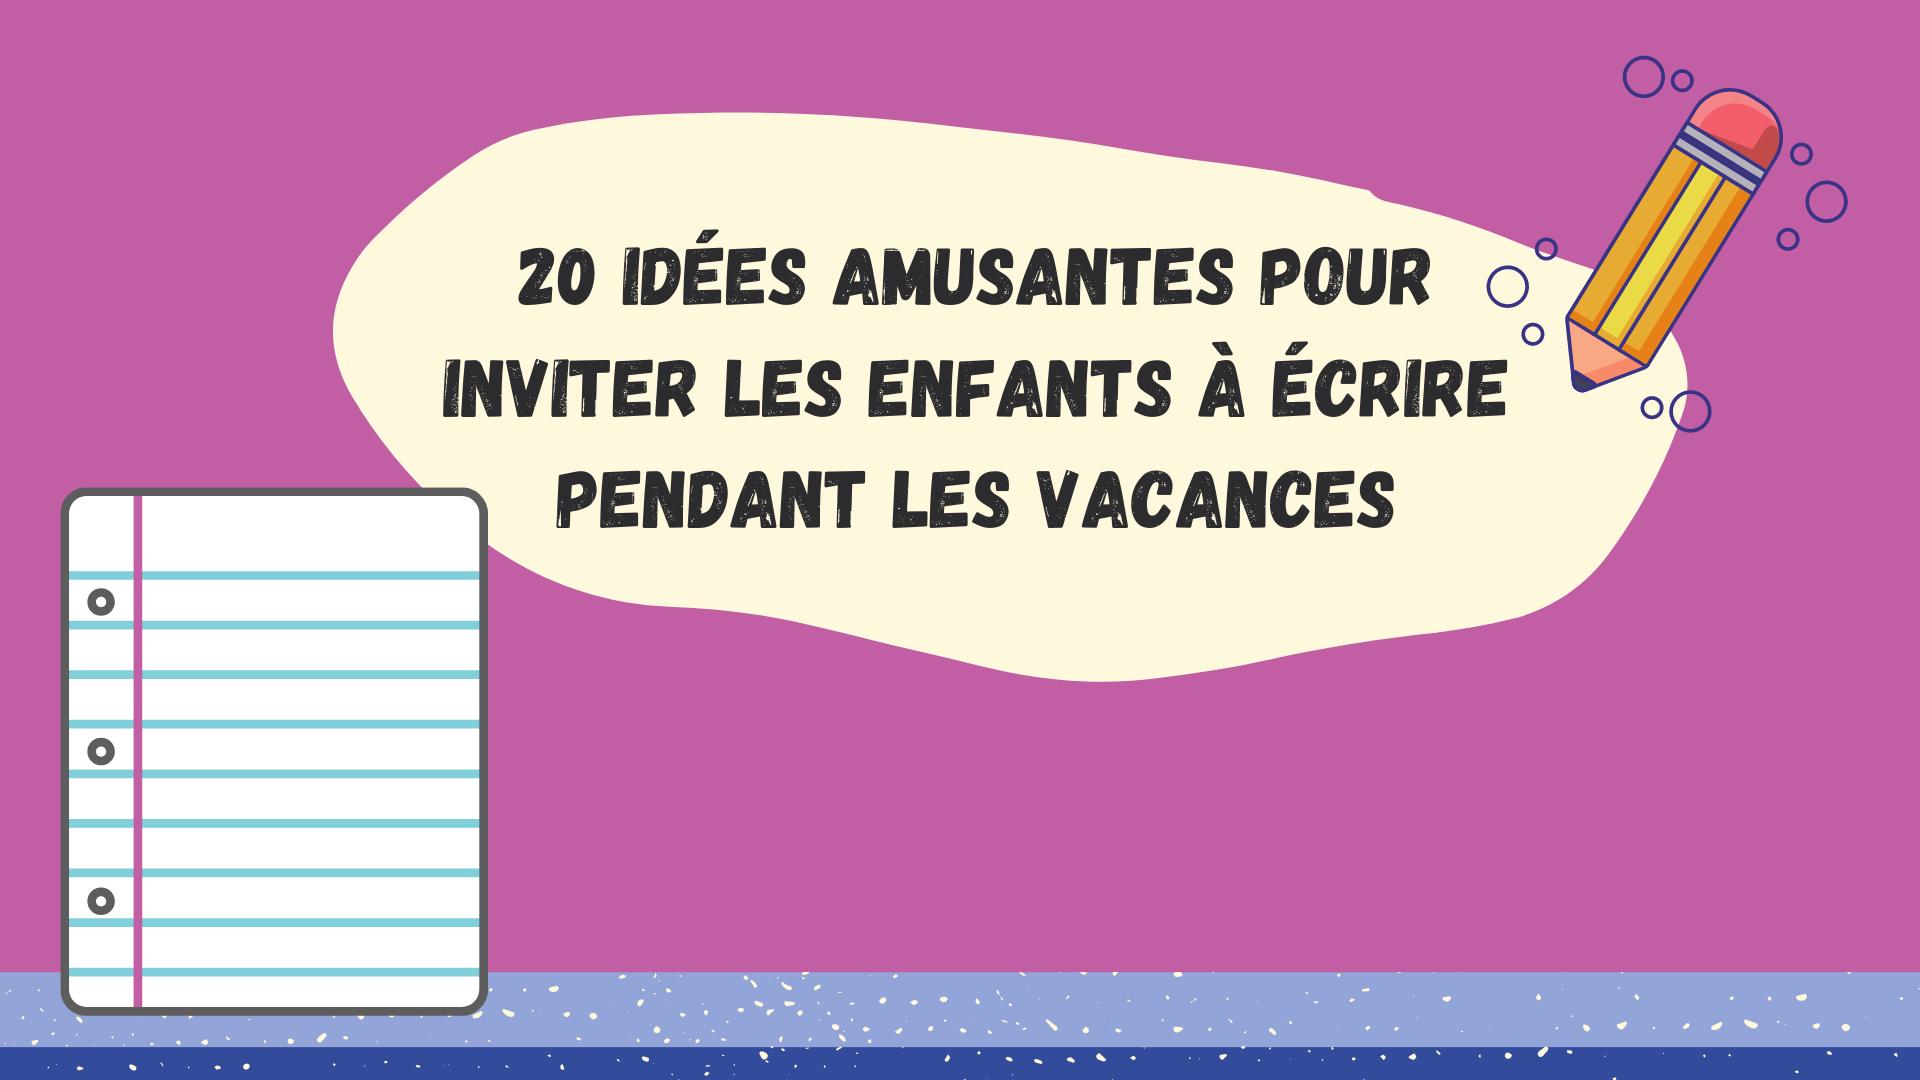 20 idées amusantes pour inviter les enfants à écrire pendant les vacances